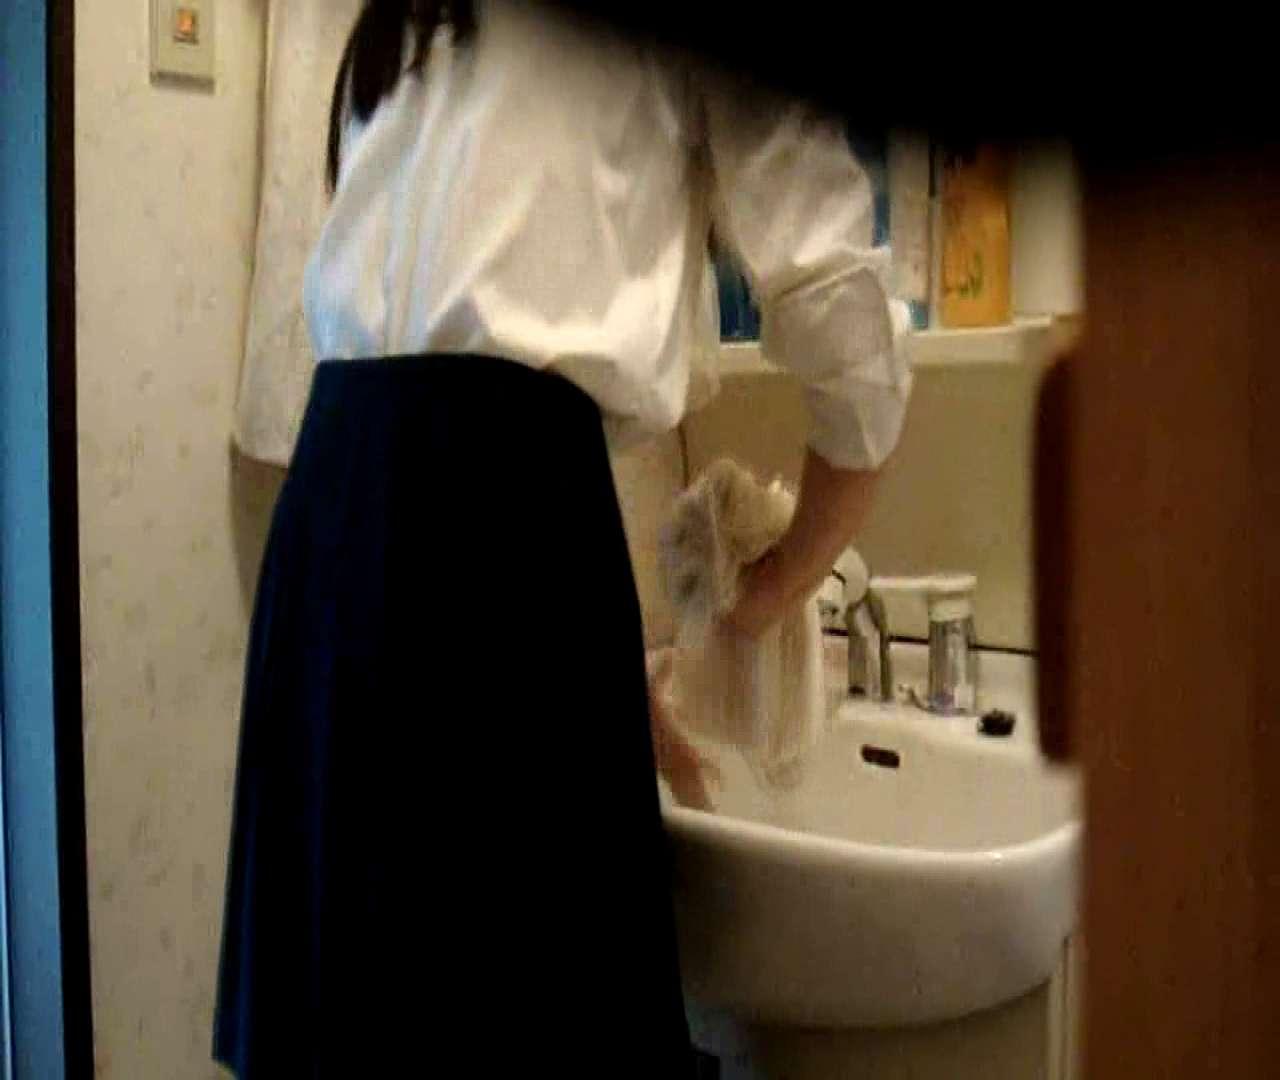 二人とも育てた甲斐がありました… vol.05 まどかが洗顔後にブラを洗濯 盗撮シリーズ | おまんこ見放題  79PIX 61